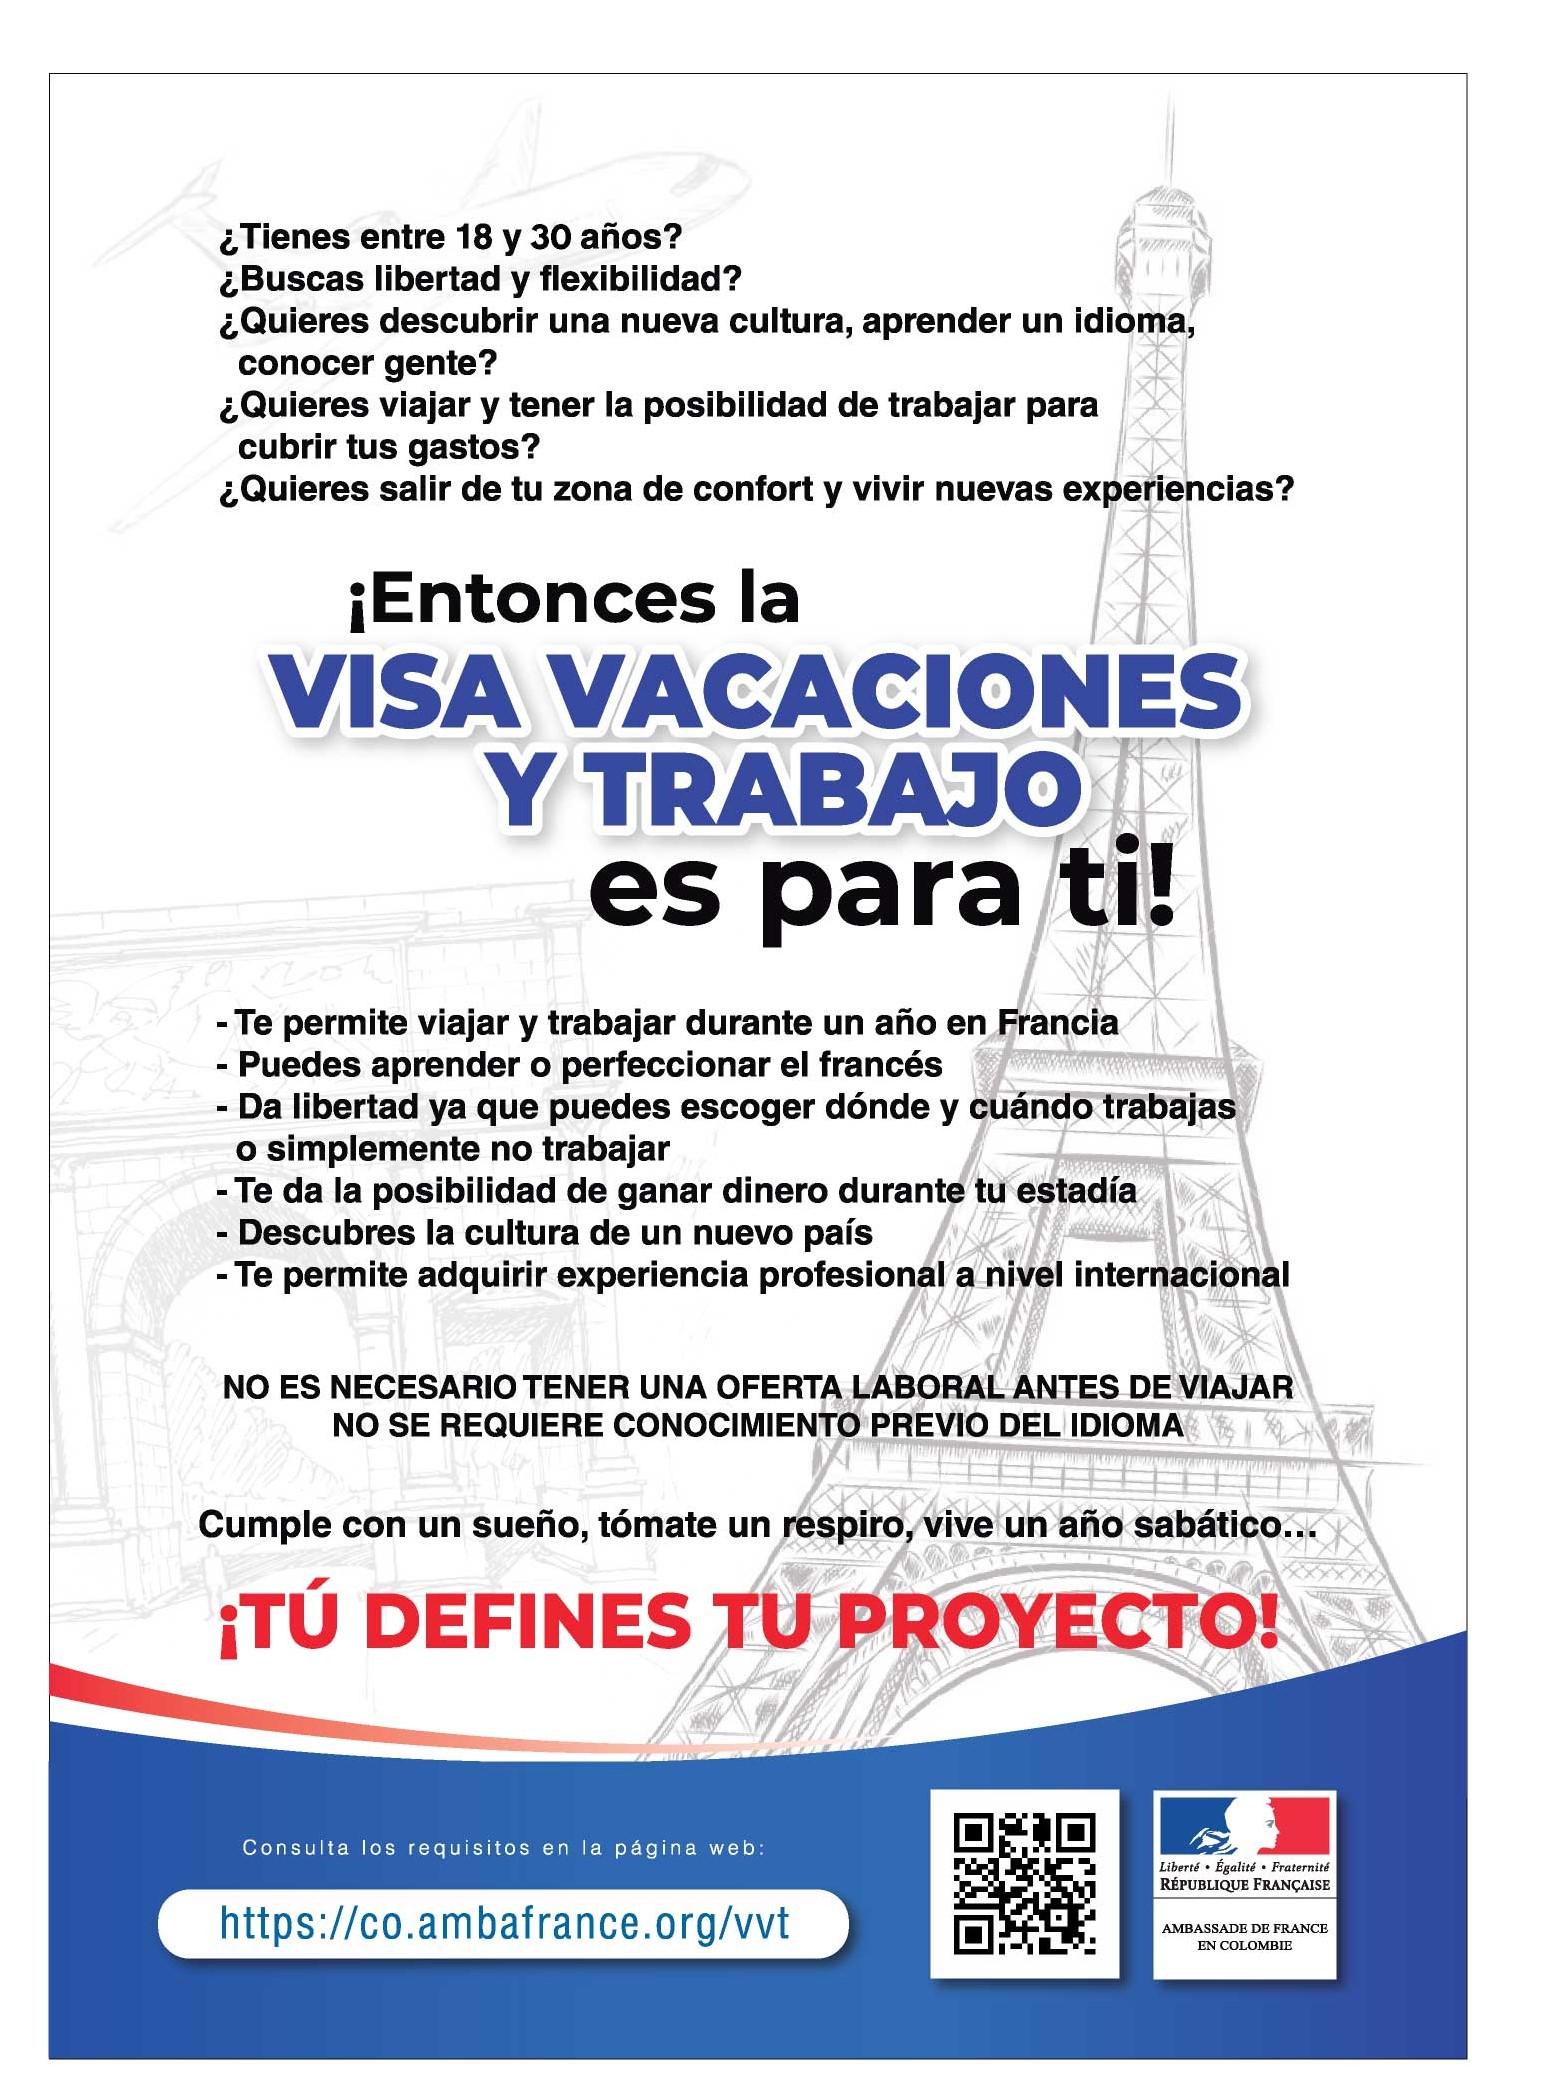 Visa Vacaciones Y Trabajo La France En Colombie Francia En Colombia